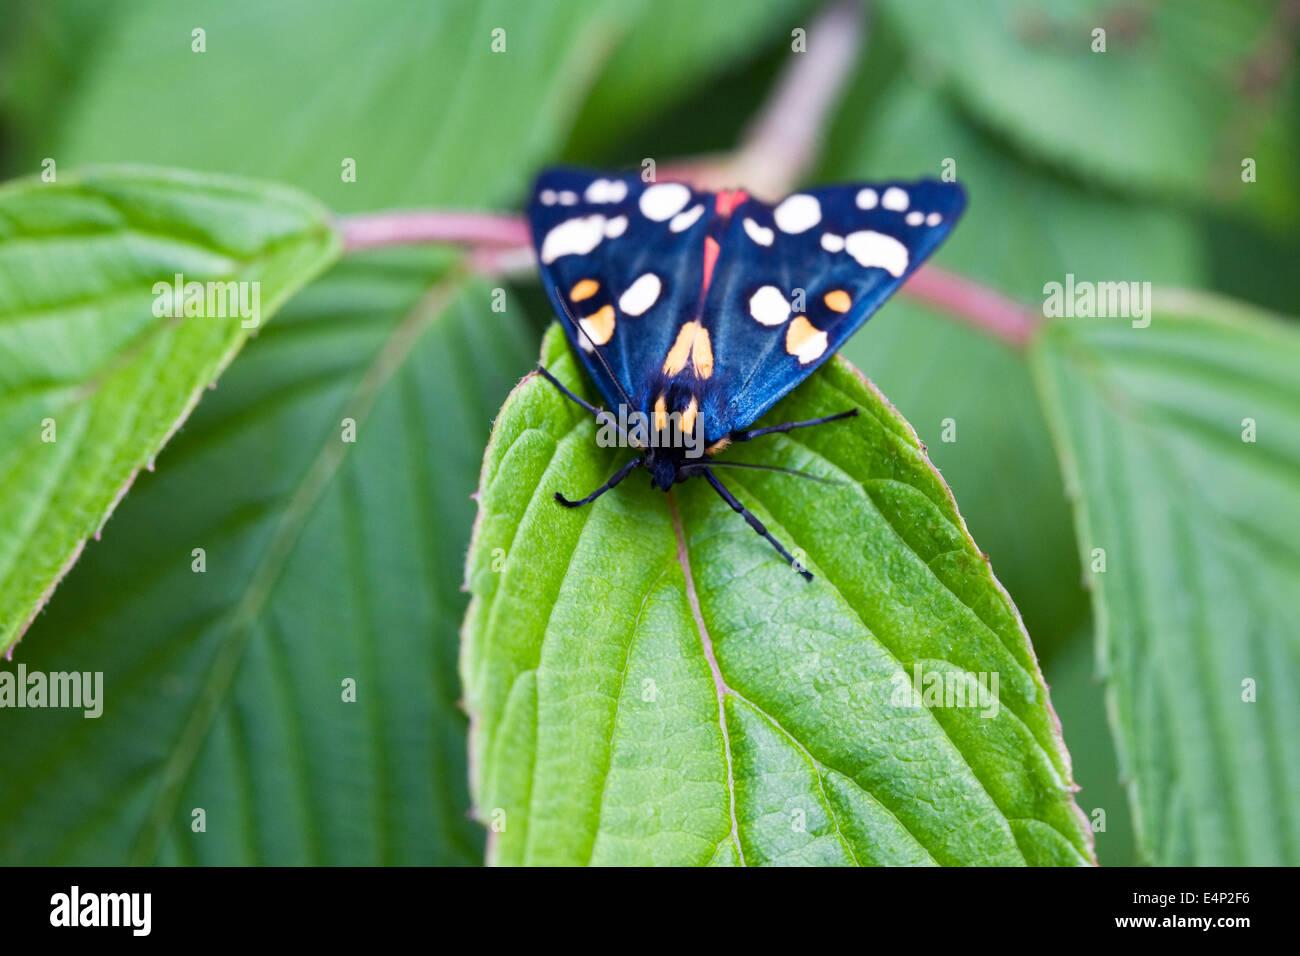 Callimorpha dominula papillon sur les feuilles d'hortensias. Scarlet Tiger Moth. Photo Stock